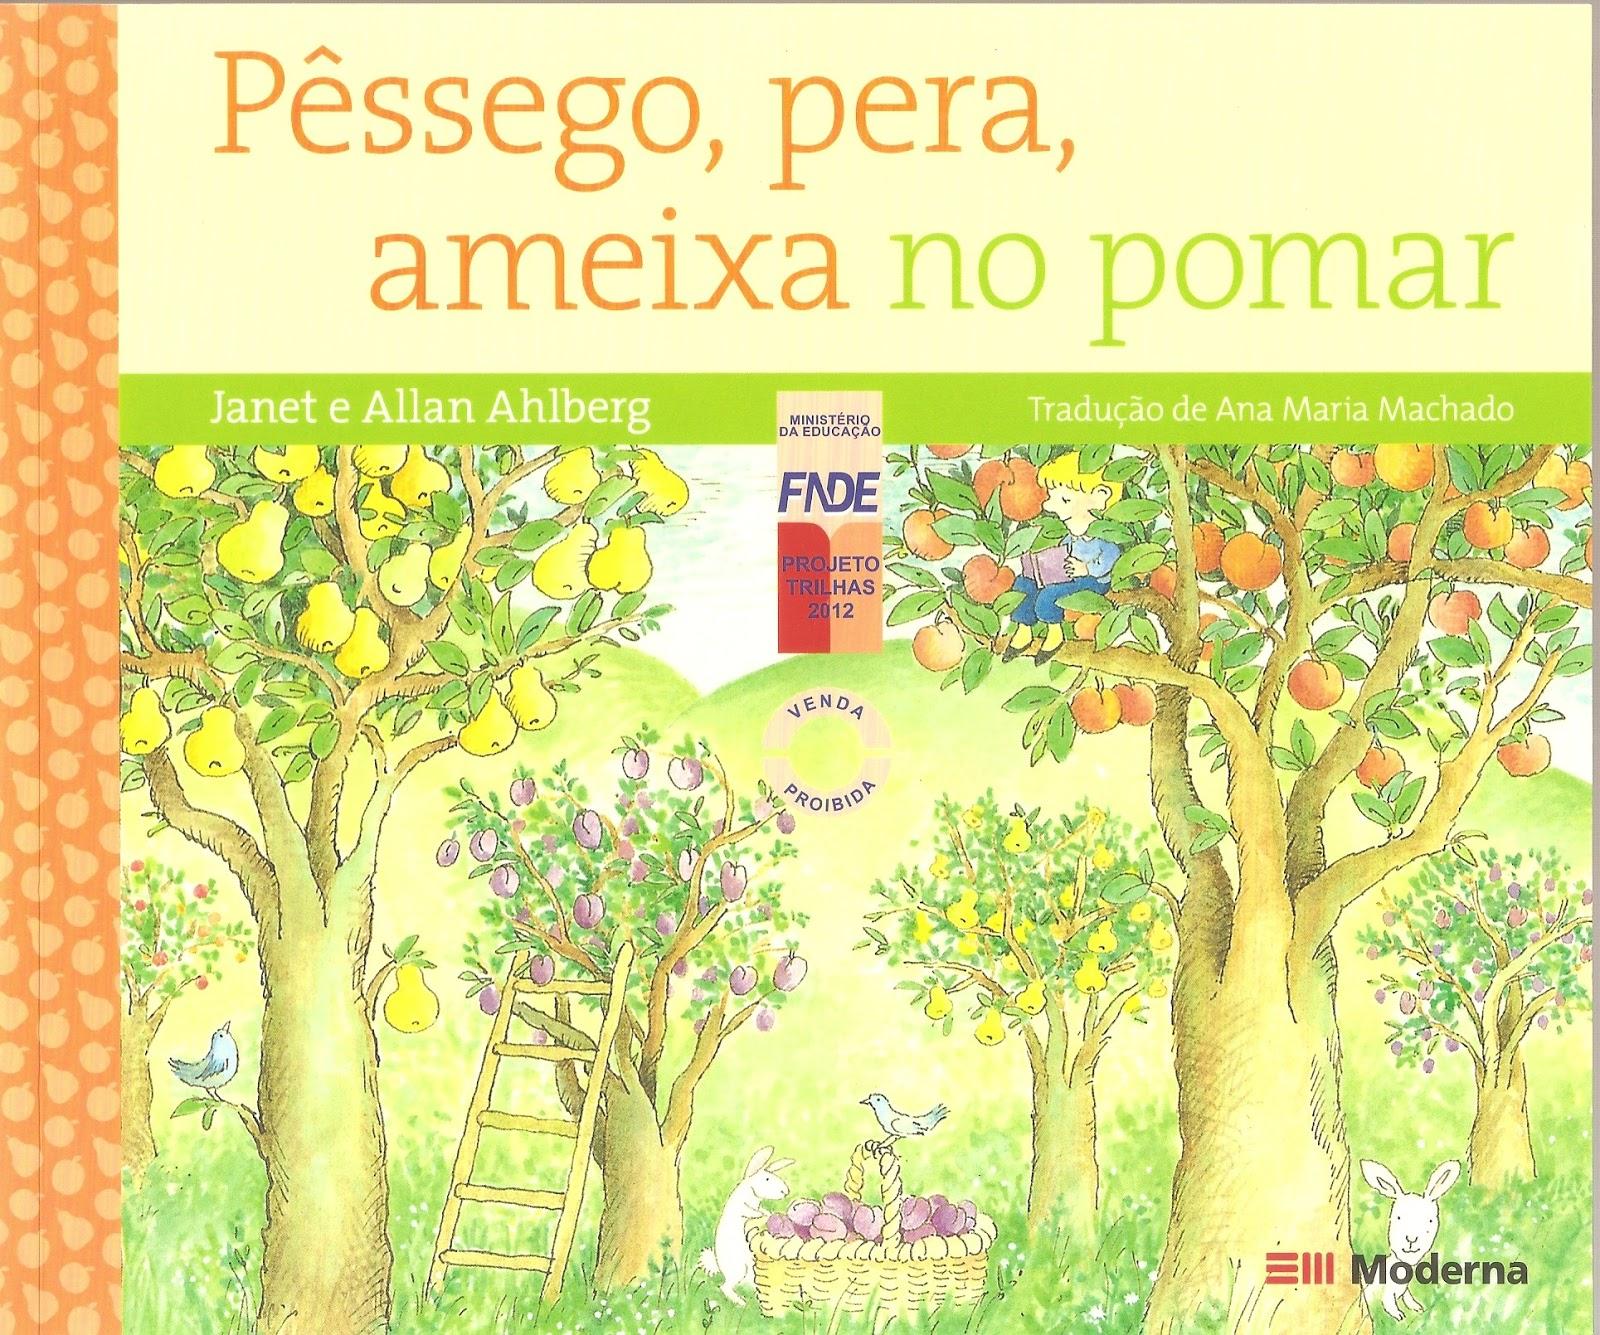 Pêssego, pera, ameixa no pomar